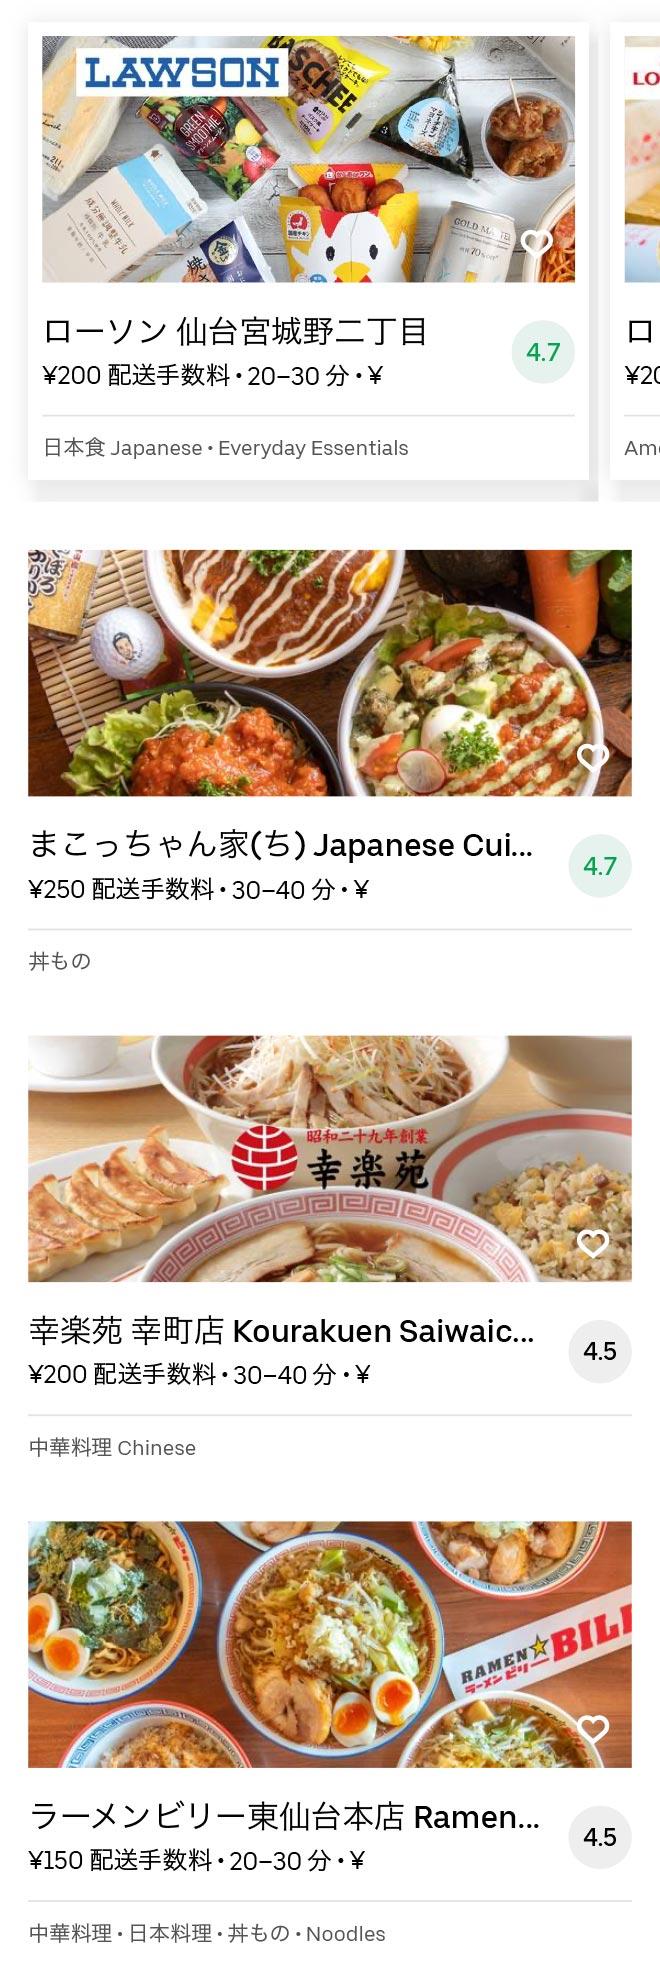 Higashi sendai menu 2008 03